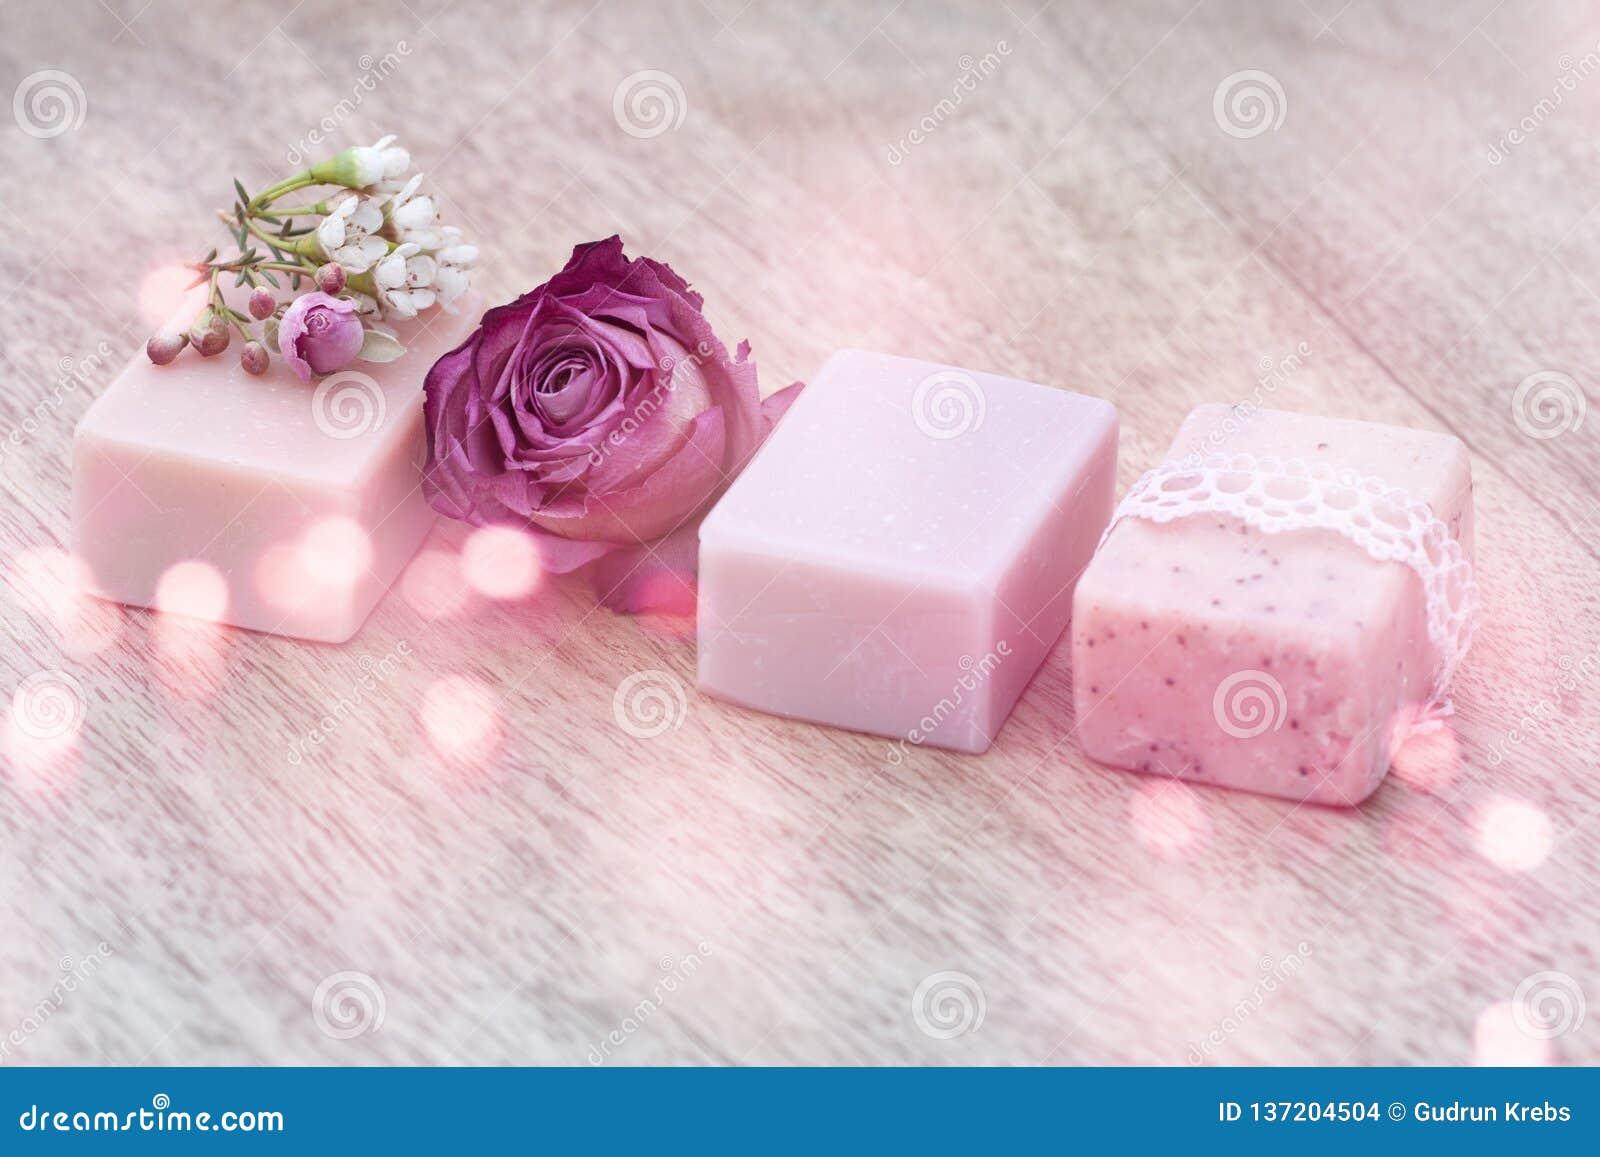 Decorazione con sapone naturale